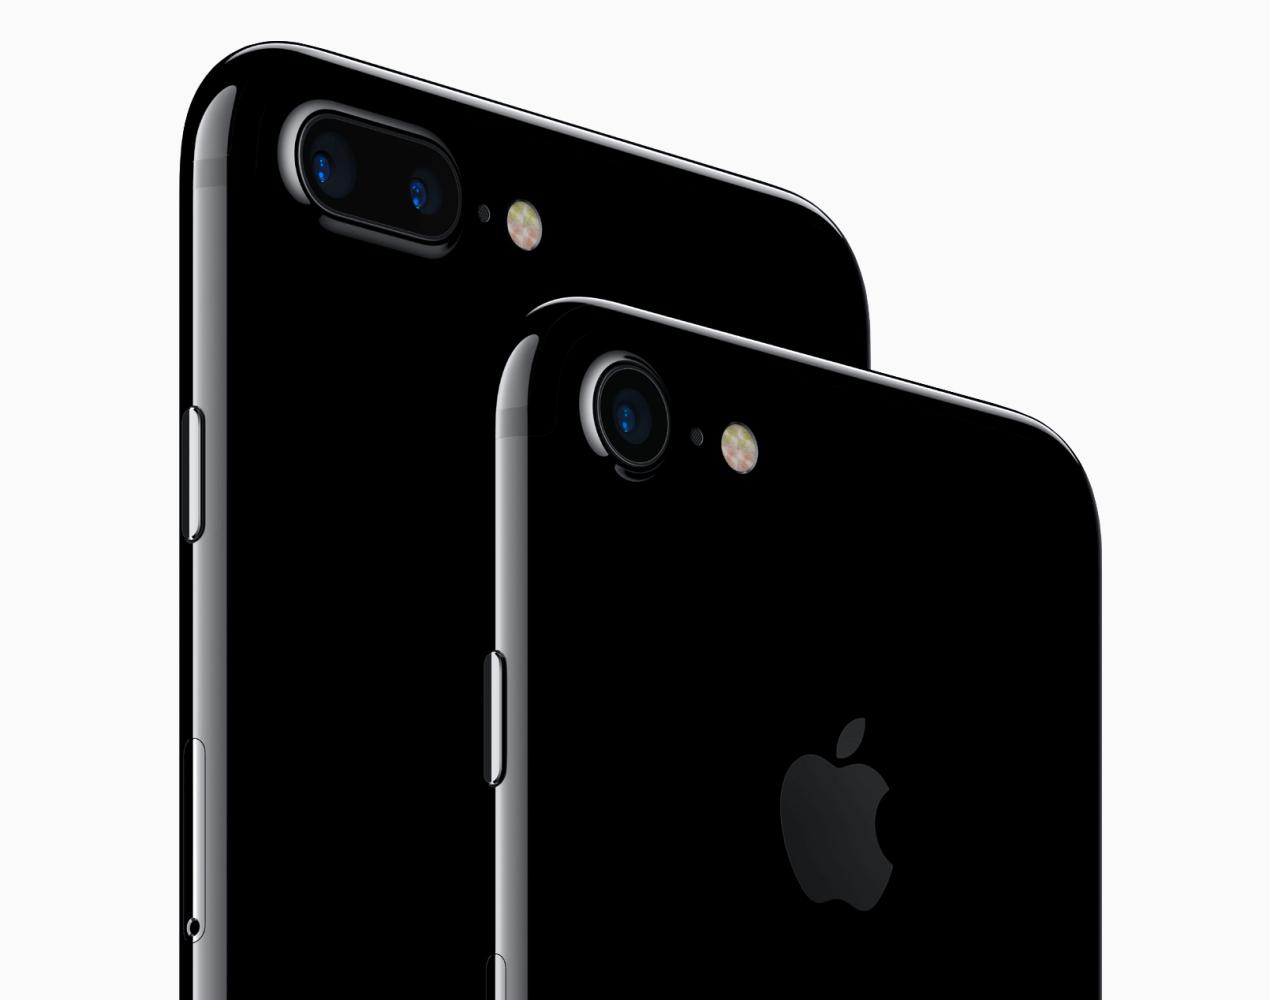 iphone-7-nouveau-comparaison-savoo